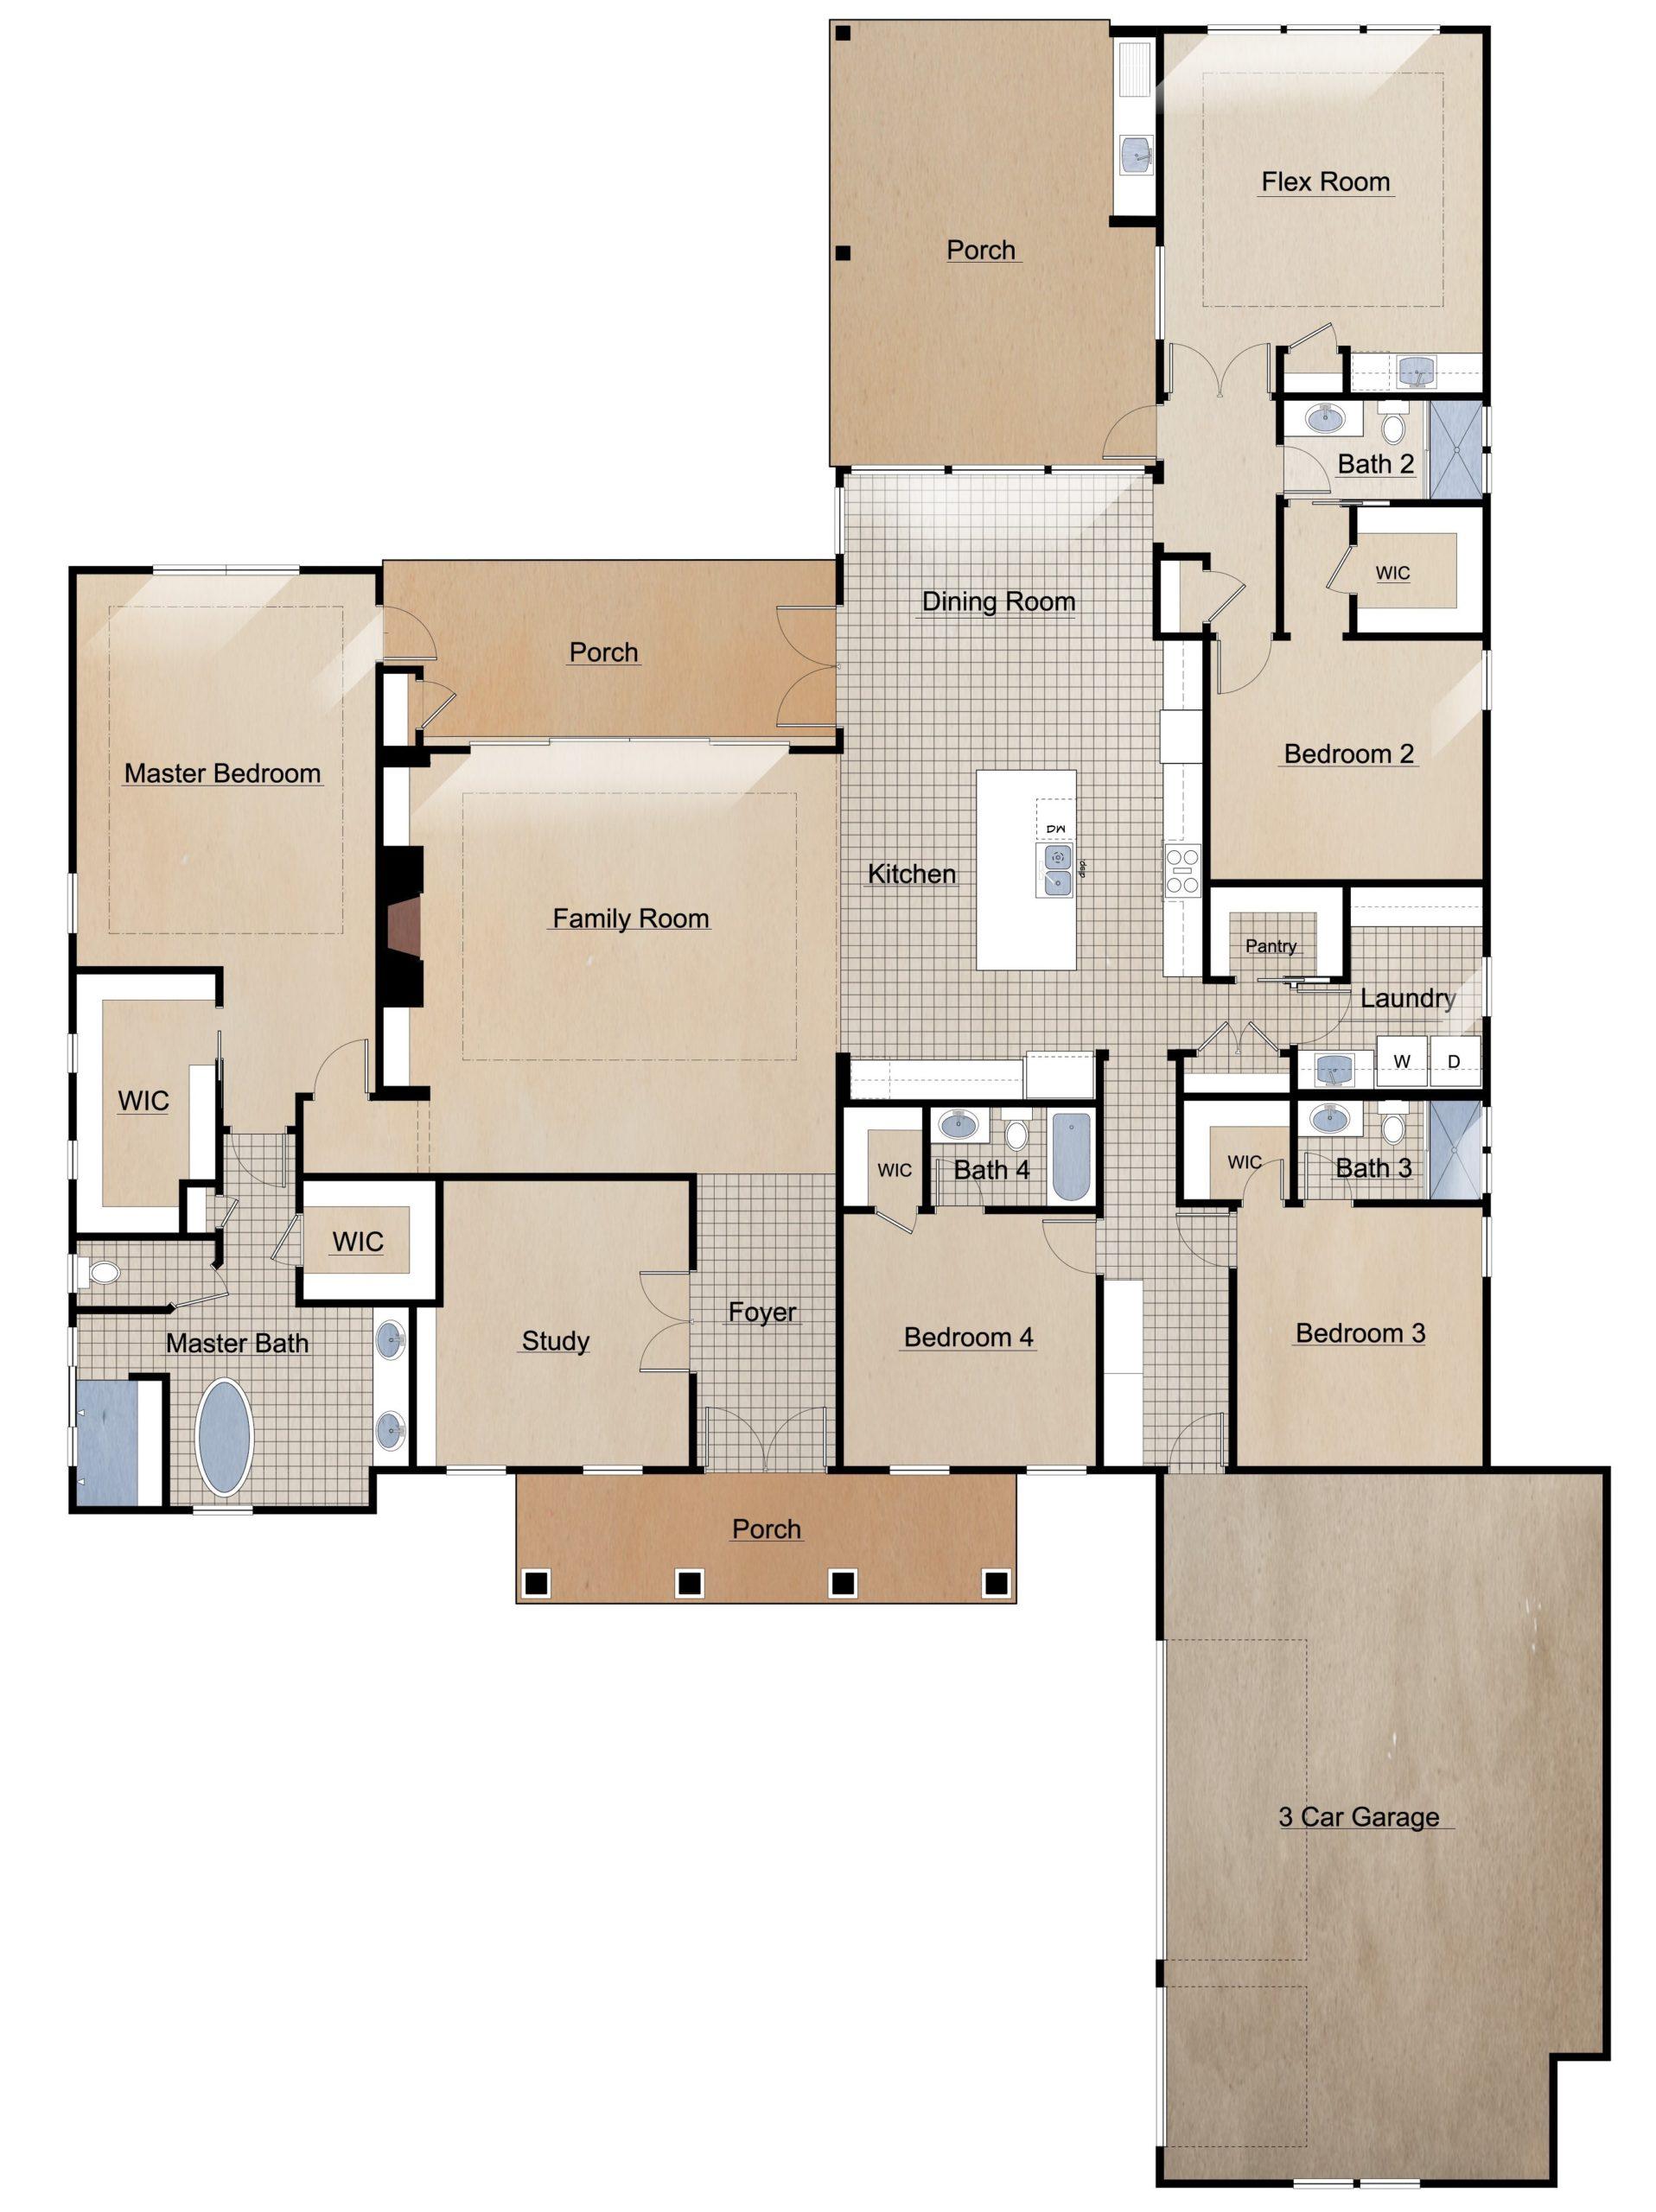 Lot 40 Floor Plan 12.19.18